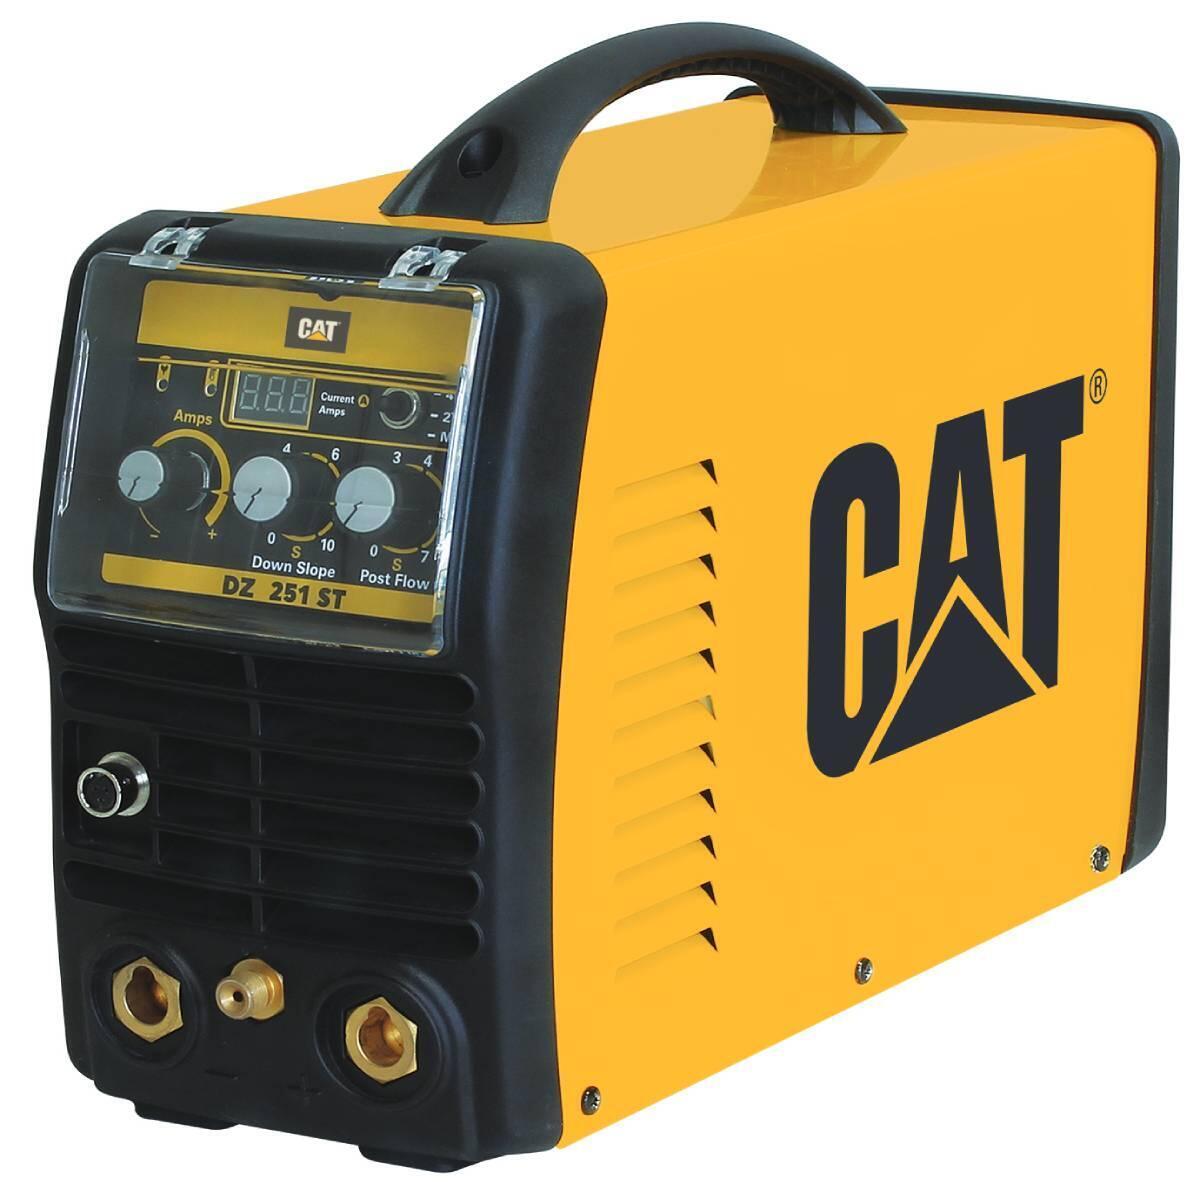 Saldatrice inverter DZ 251 ST mma, tig 200 A 7000 W - 1